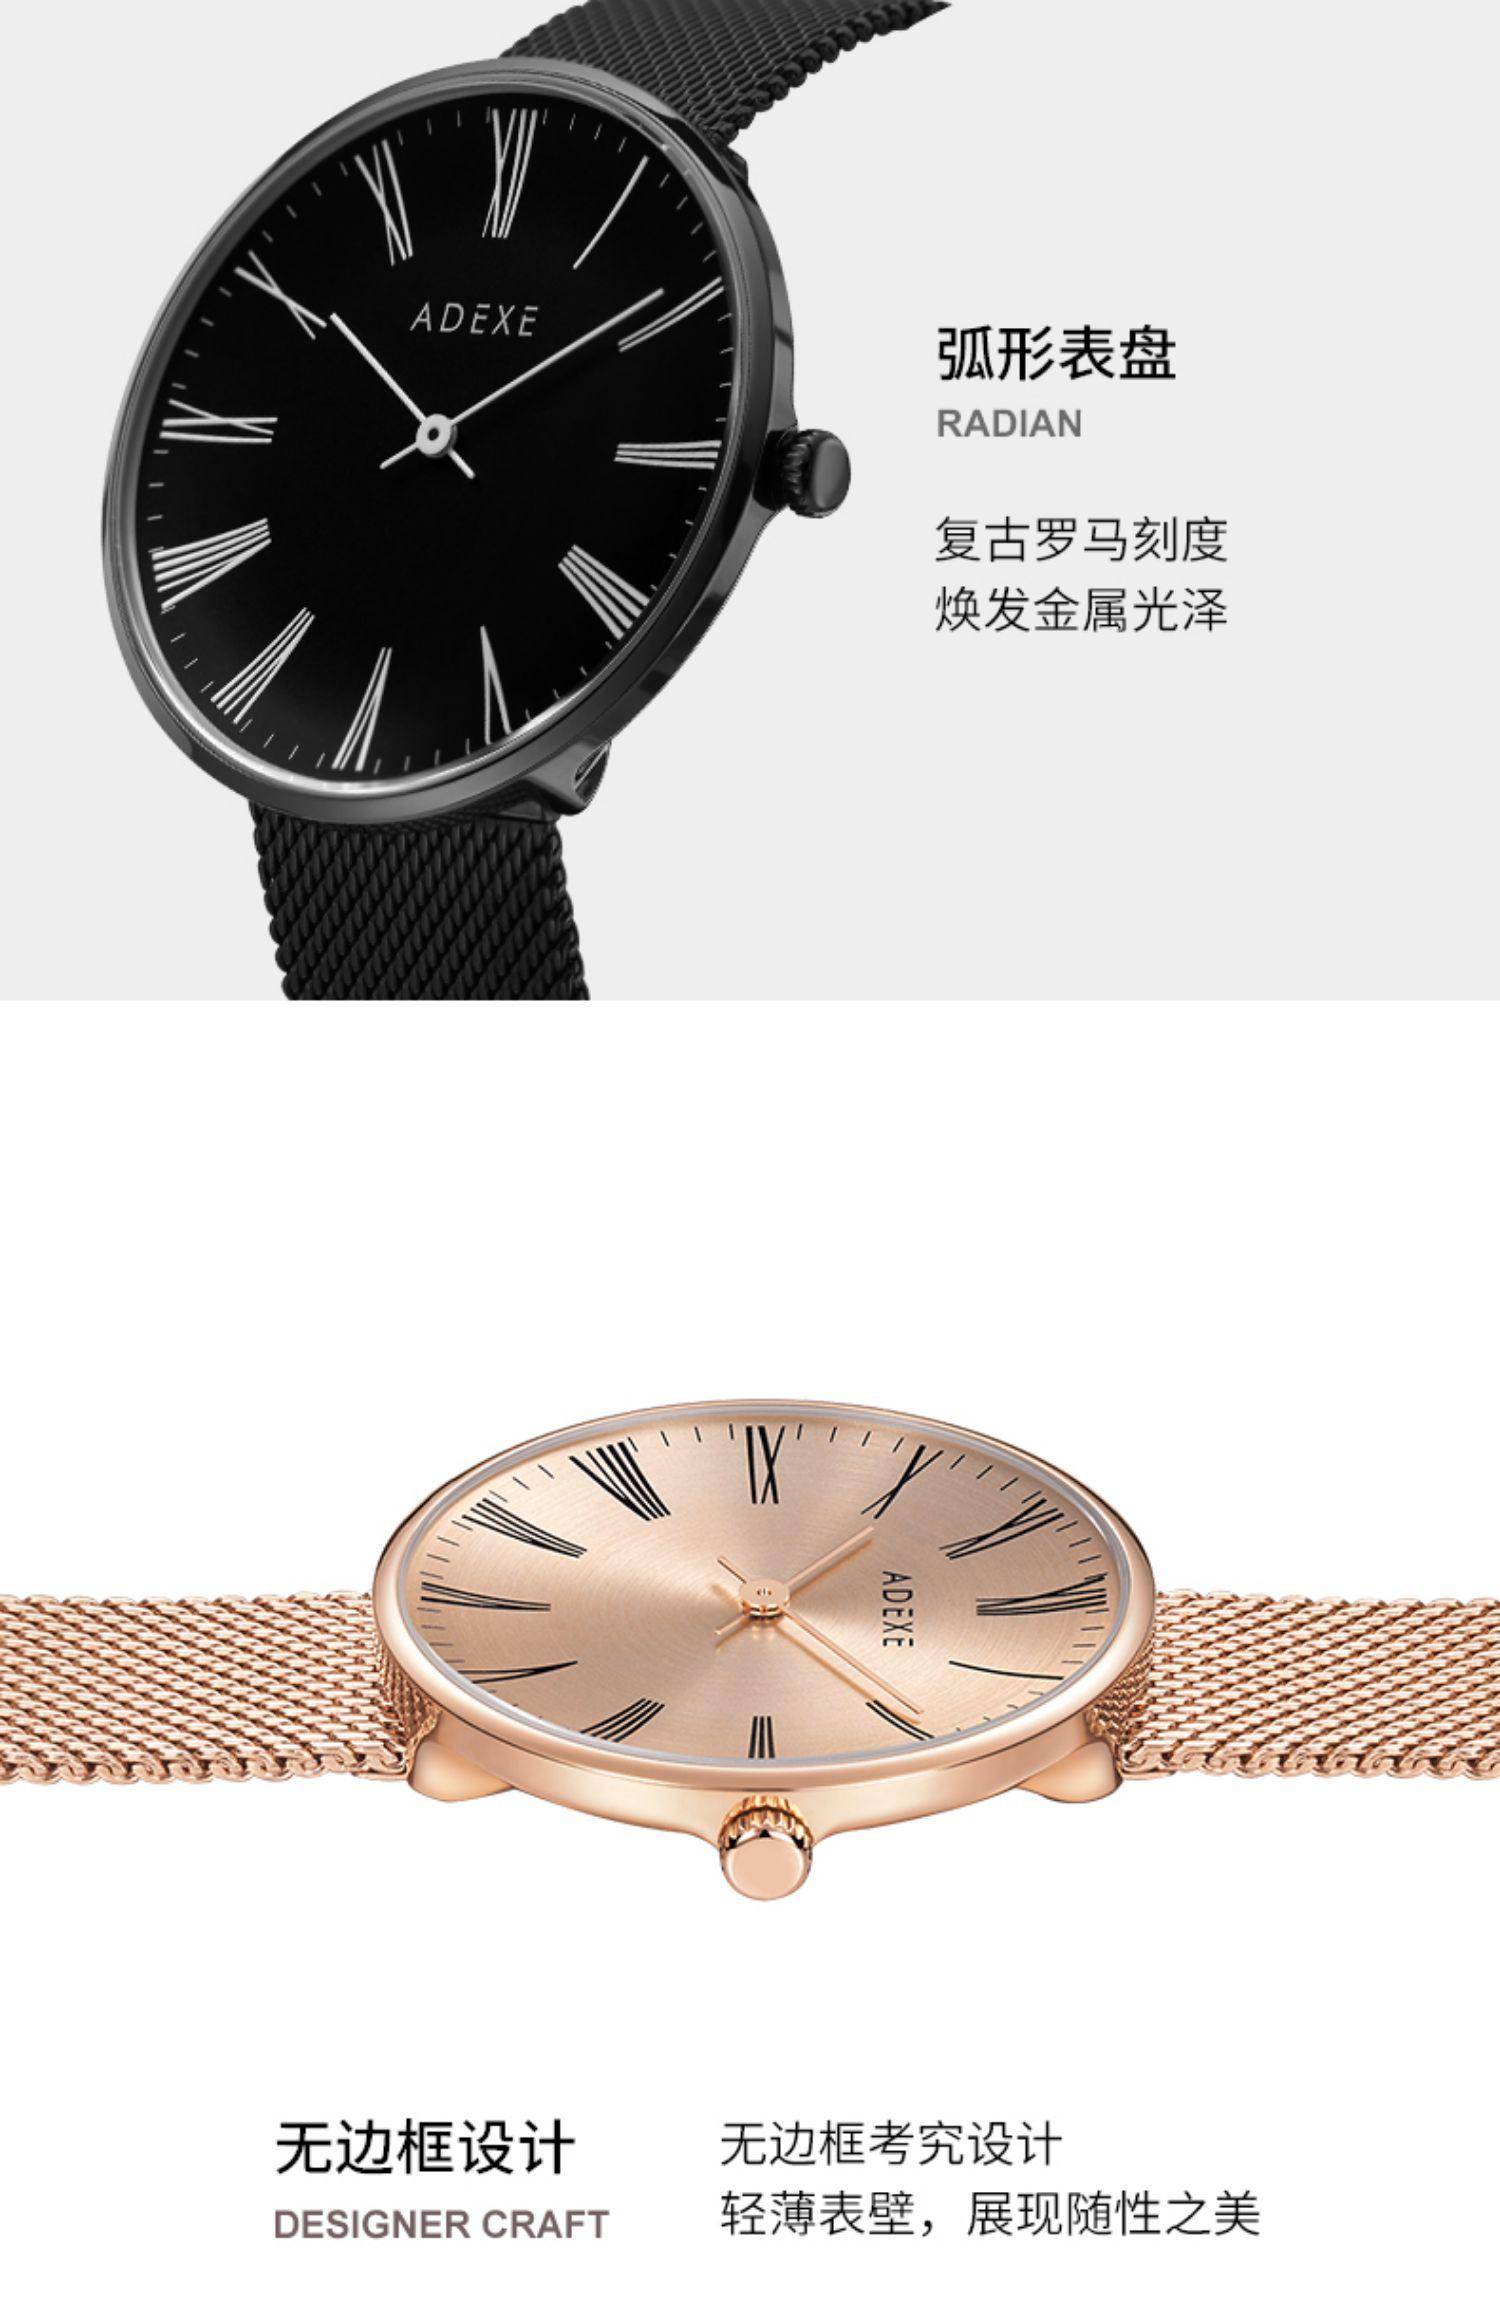 ADEXE英国小众手表情侣手表一对dw时尚简约潮流男女表礼物DW手表商品详情图